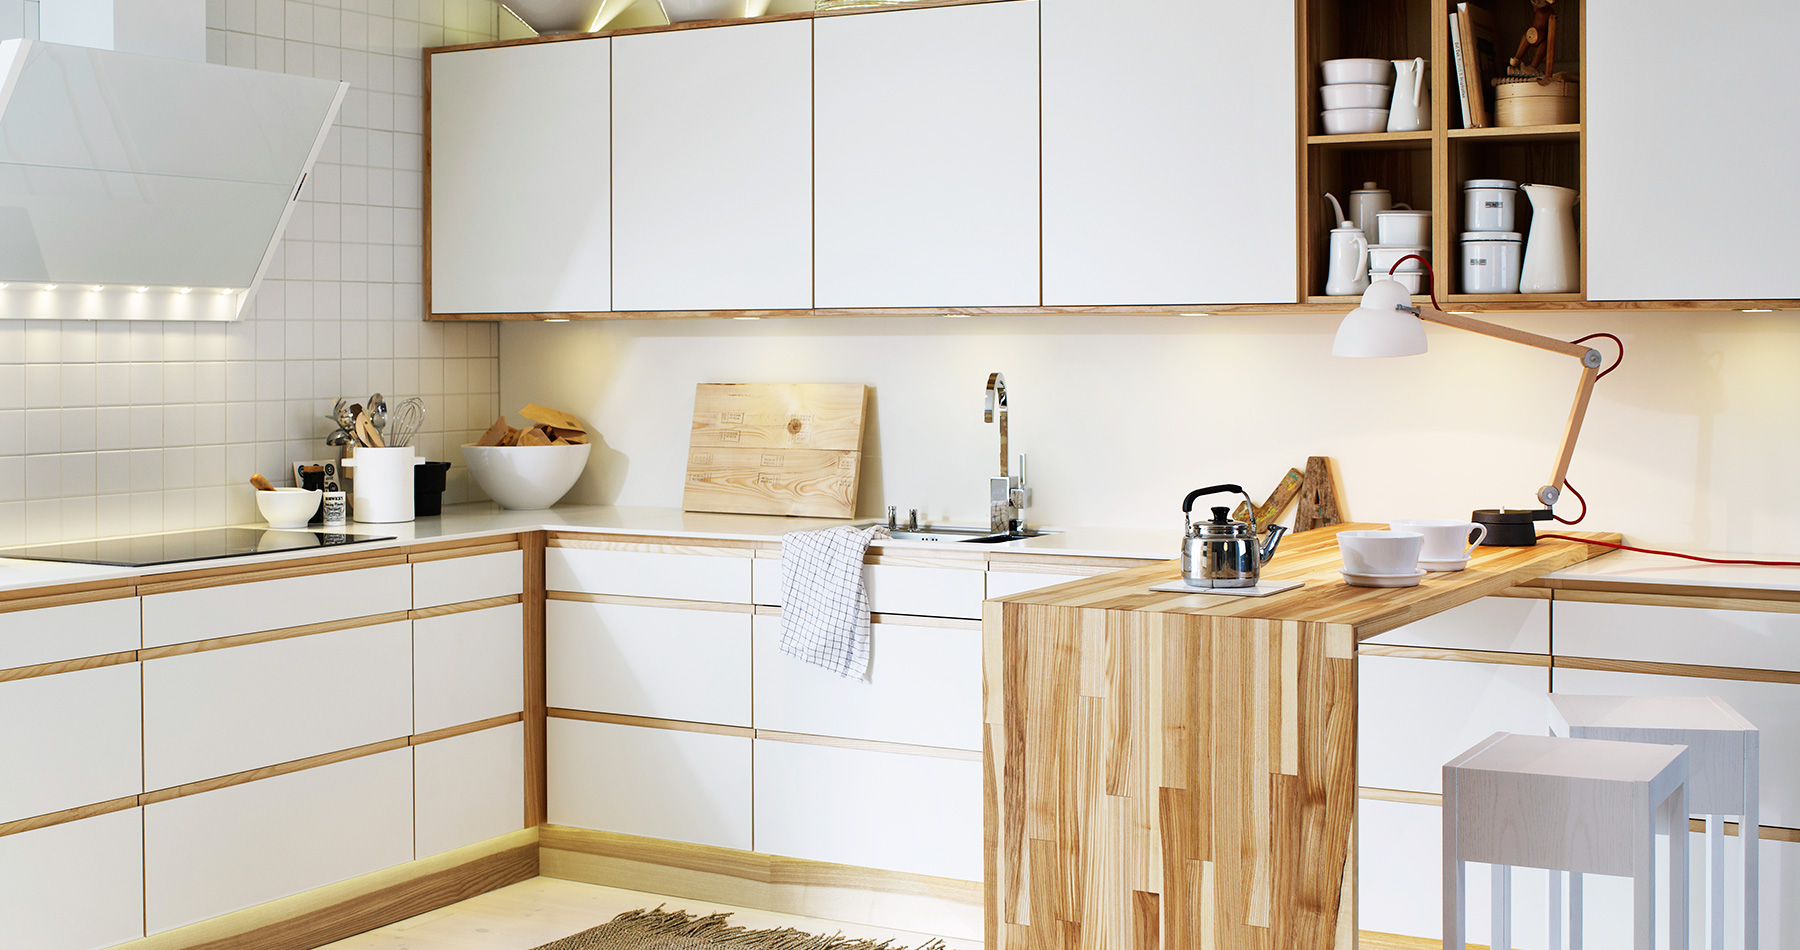 Planlösningar - Nytt kök badrum och tvättstuga - Vedum kök och bad AB